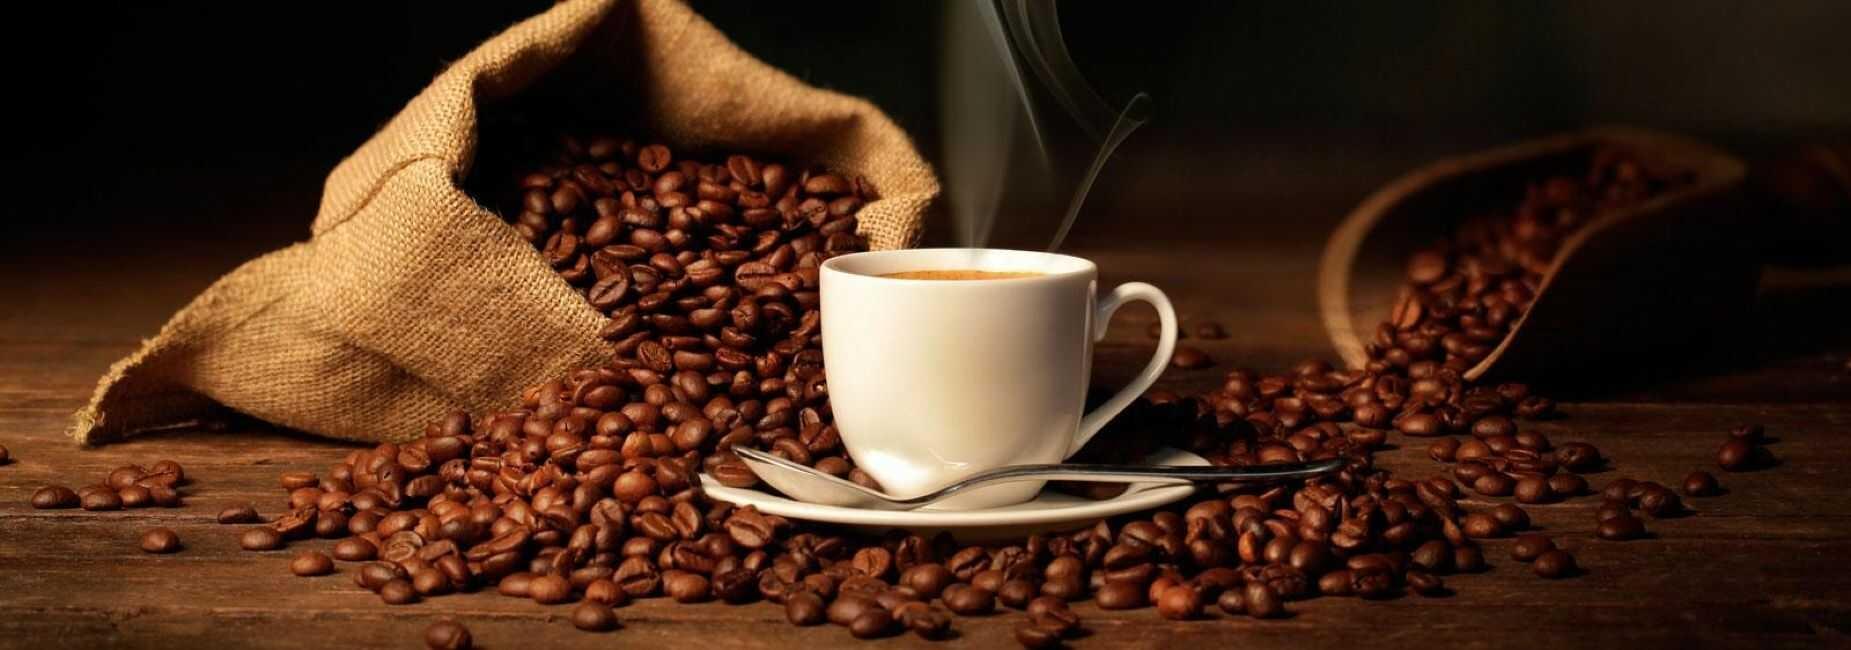 Cà phê nguyên chất (@caphenguyenchatvip) Cover Image